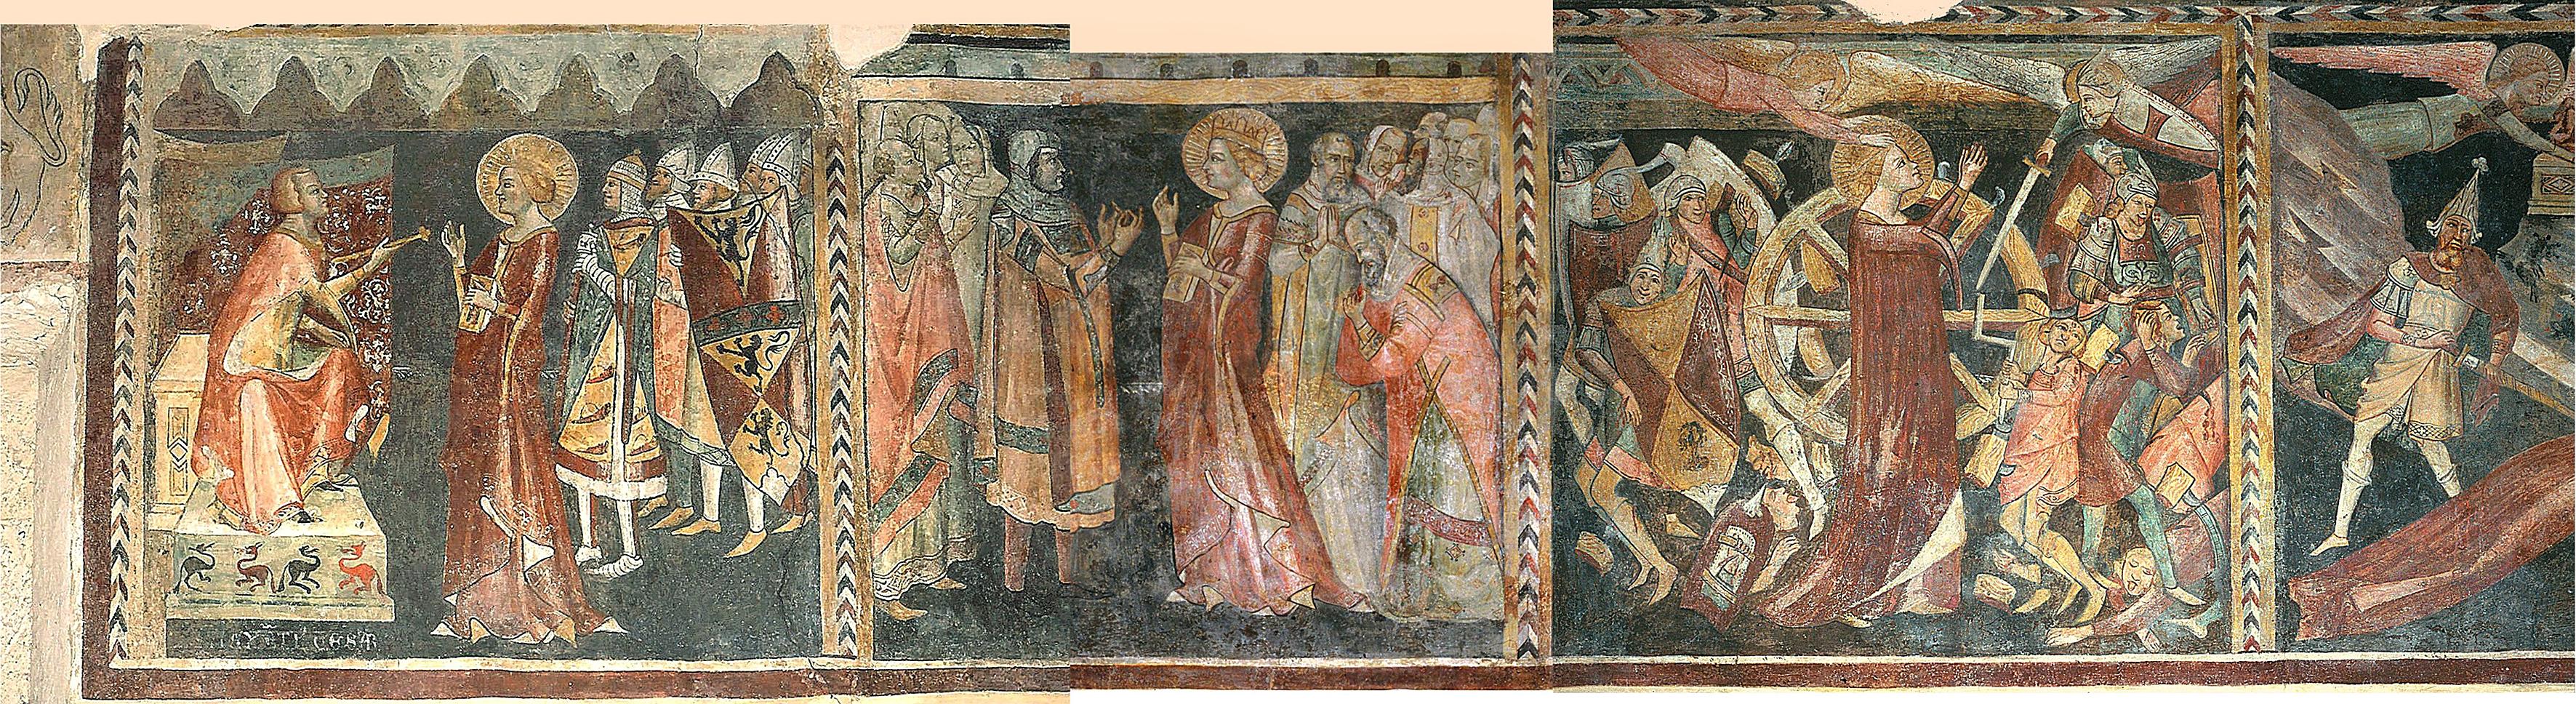 ill. 13: Scuola napoletana (attr.), secc. XIII-XIV, Ciclo di Santa Caterina d'Alessandria, affresco